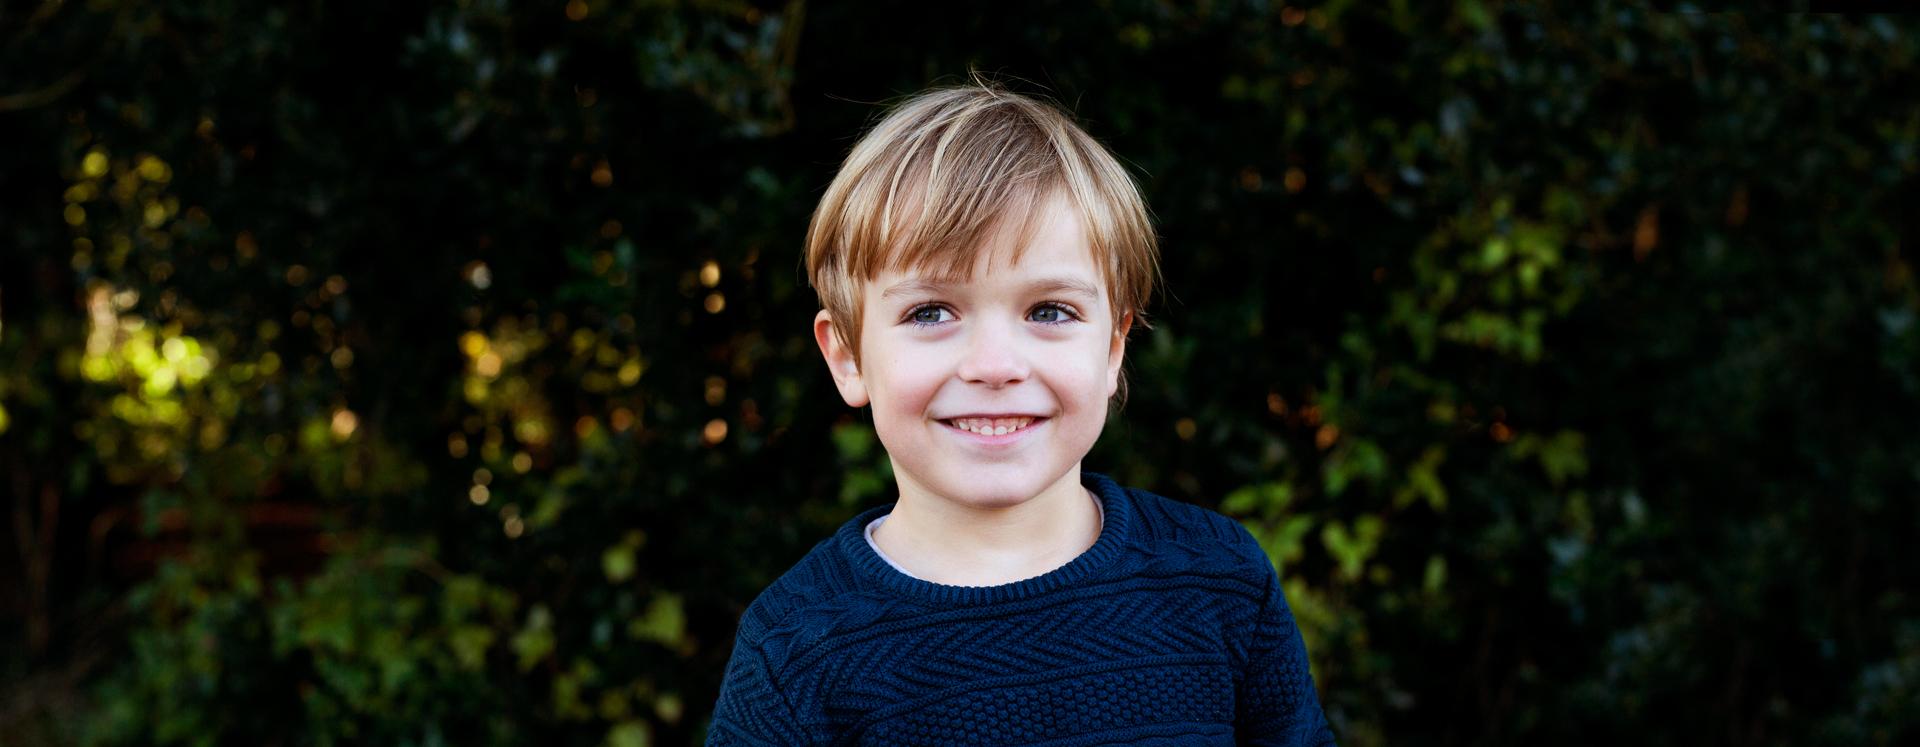 Voldsudsat dreng på krisecenter i park smiler